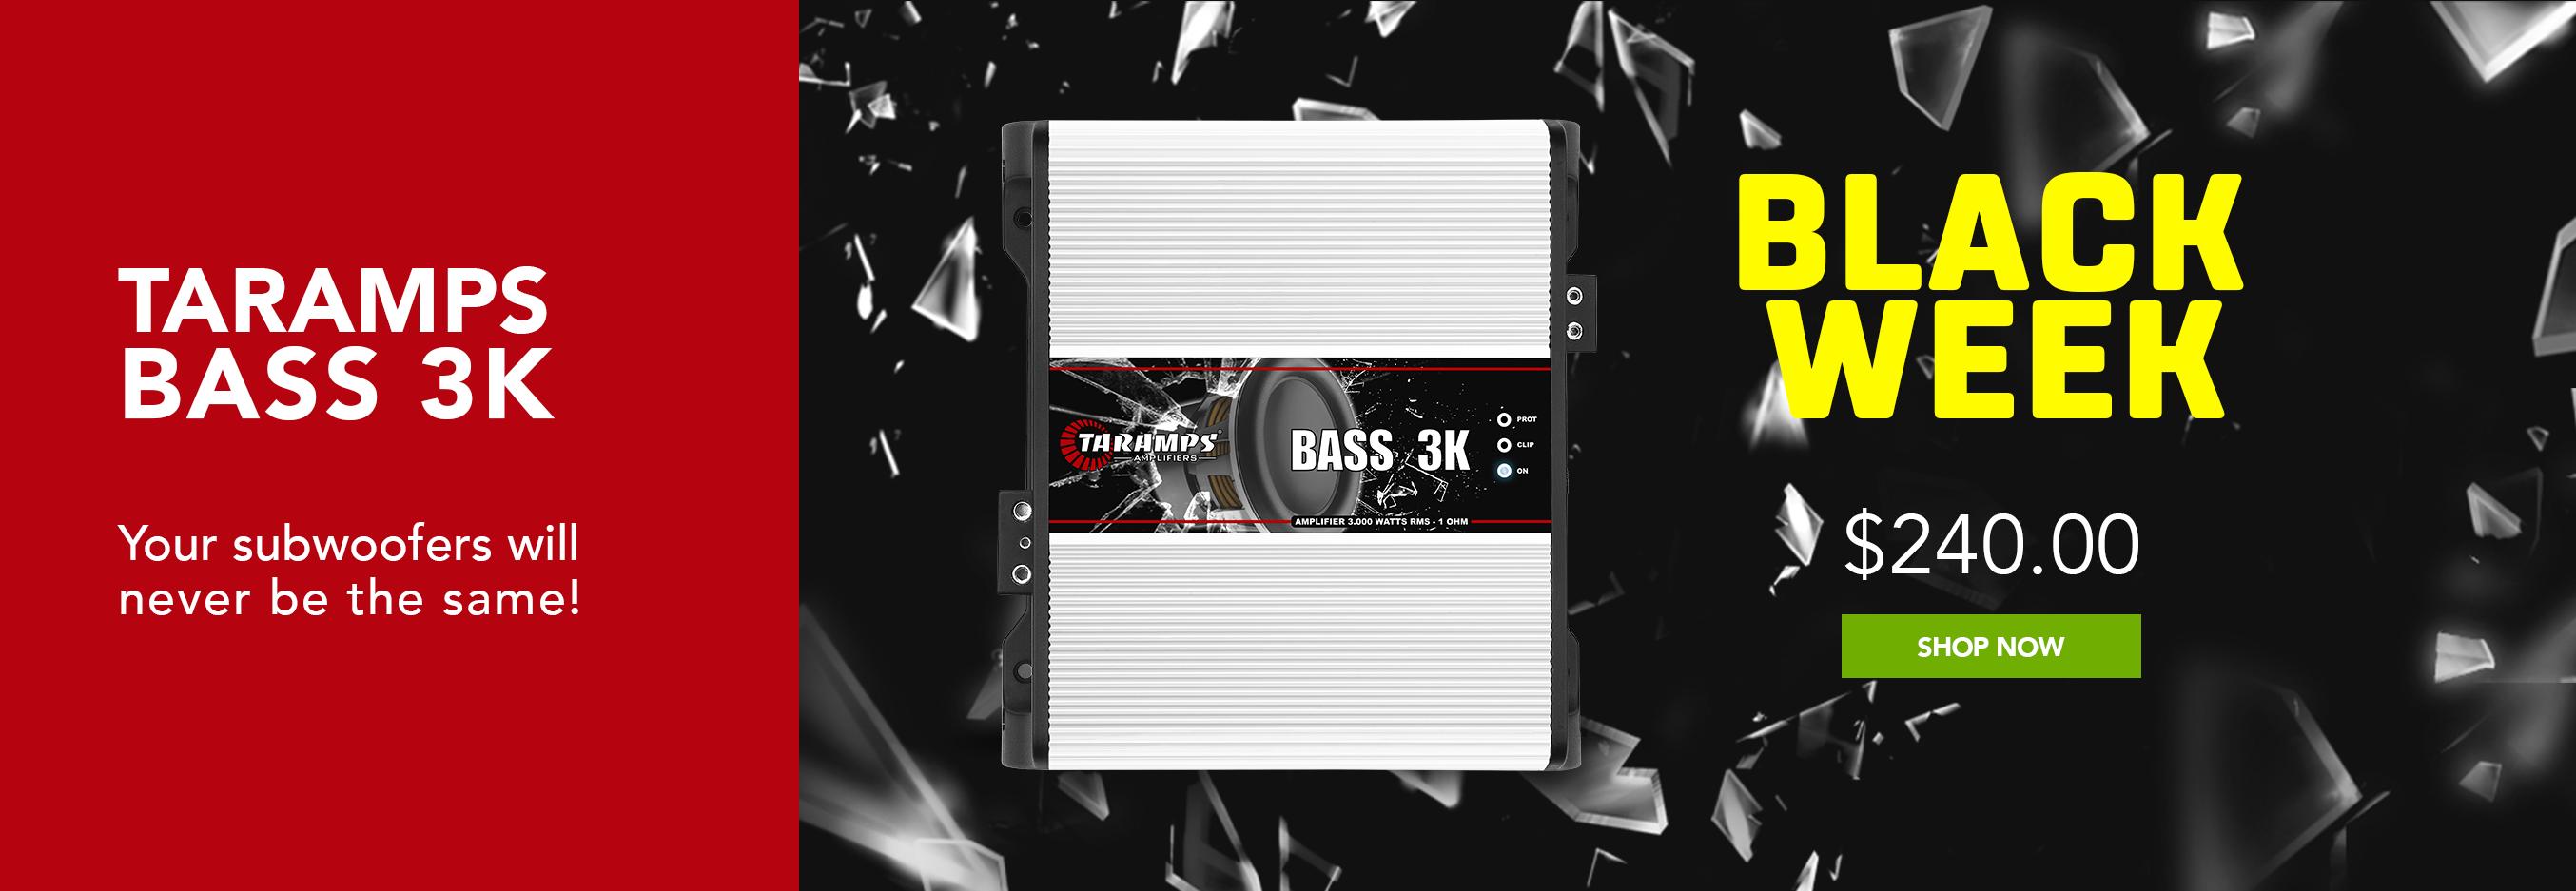 Bass3k Black Week